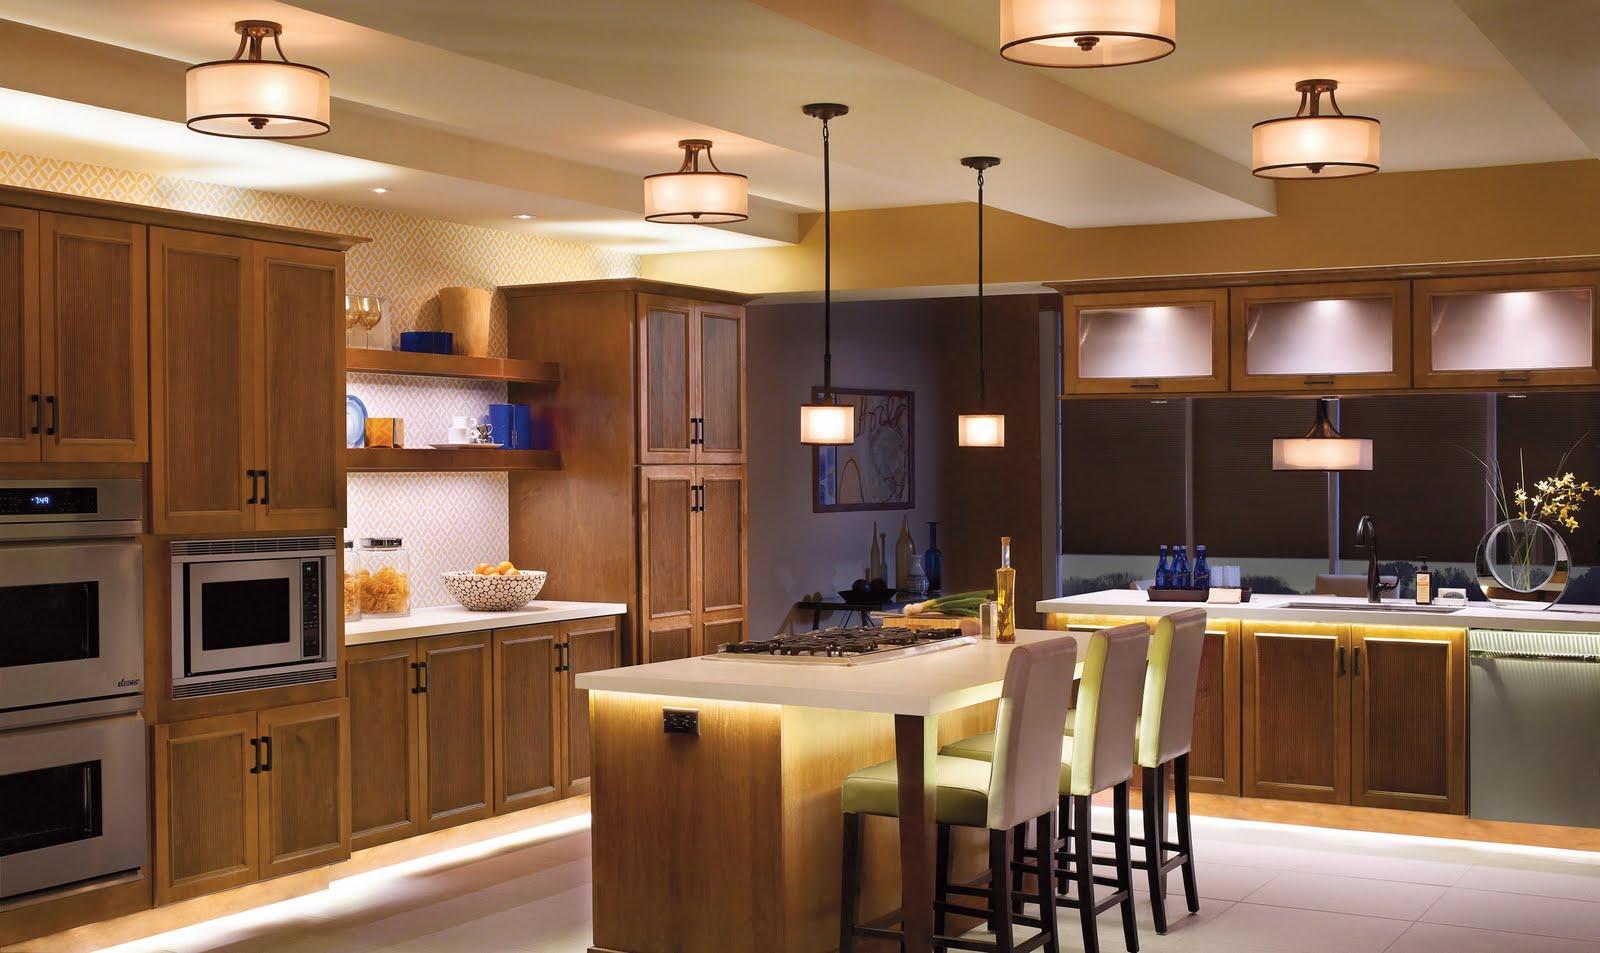 kitchen lighting fixtures tips in buying kitchen lighting Kitchen Lighting Fixtures Tips in Buying